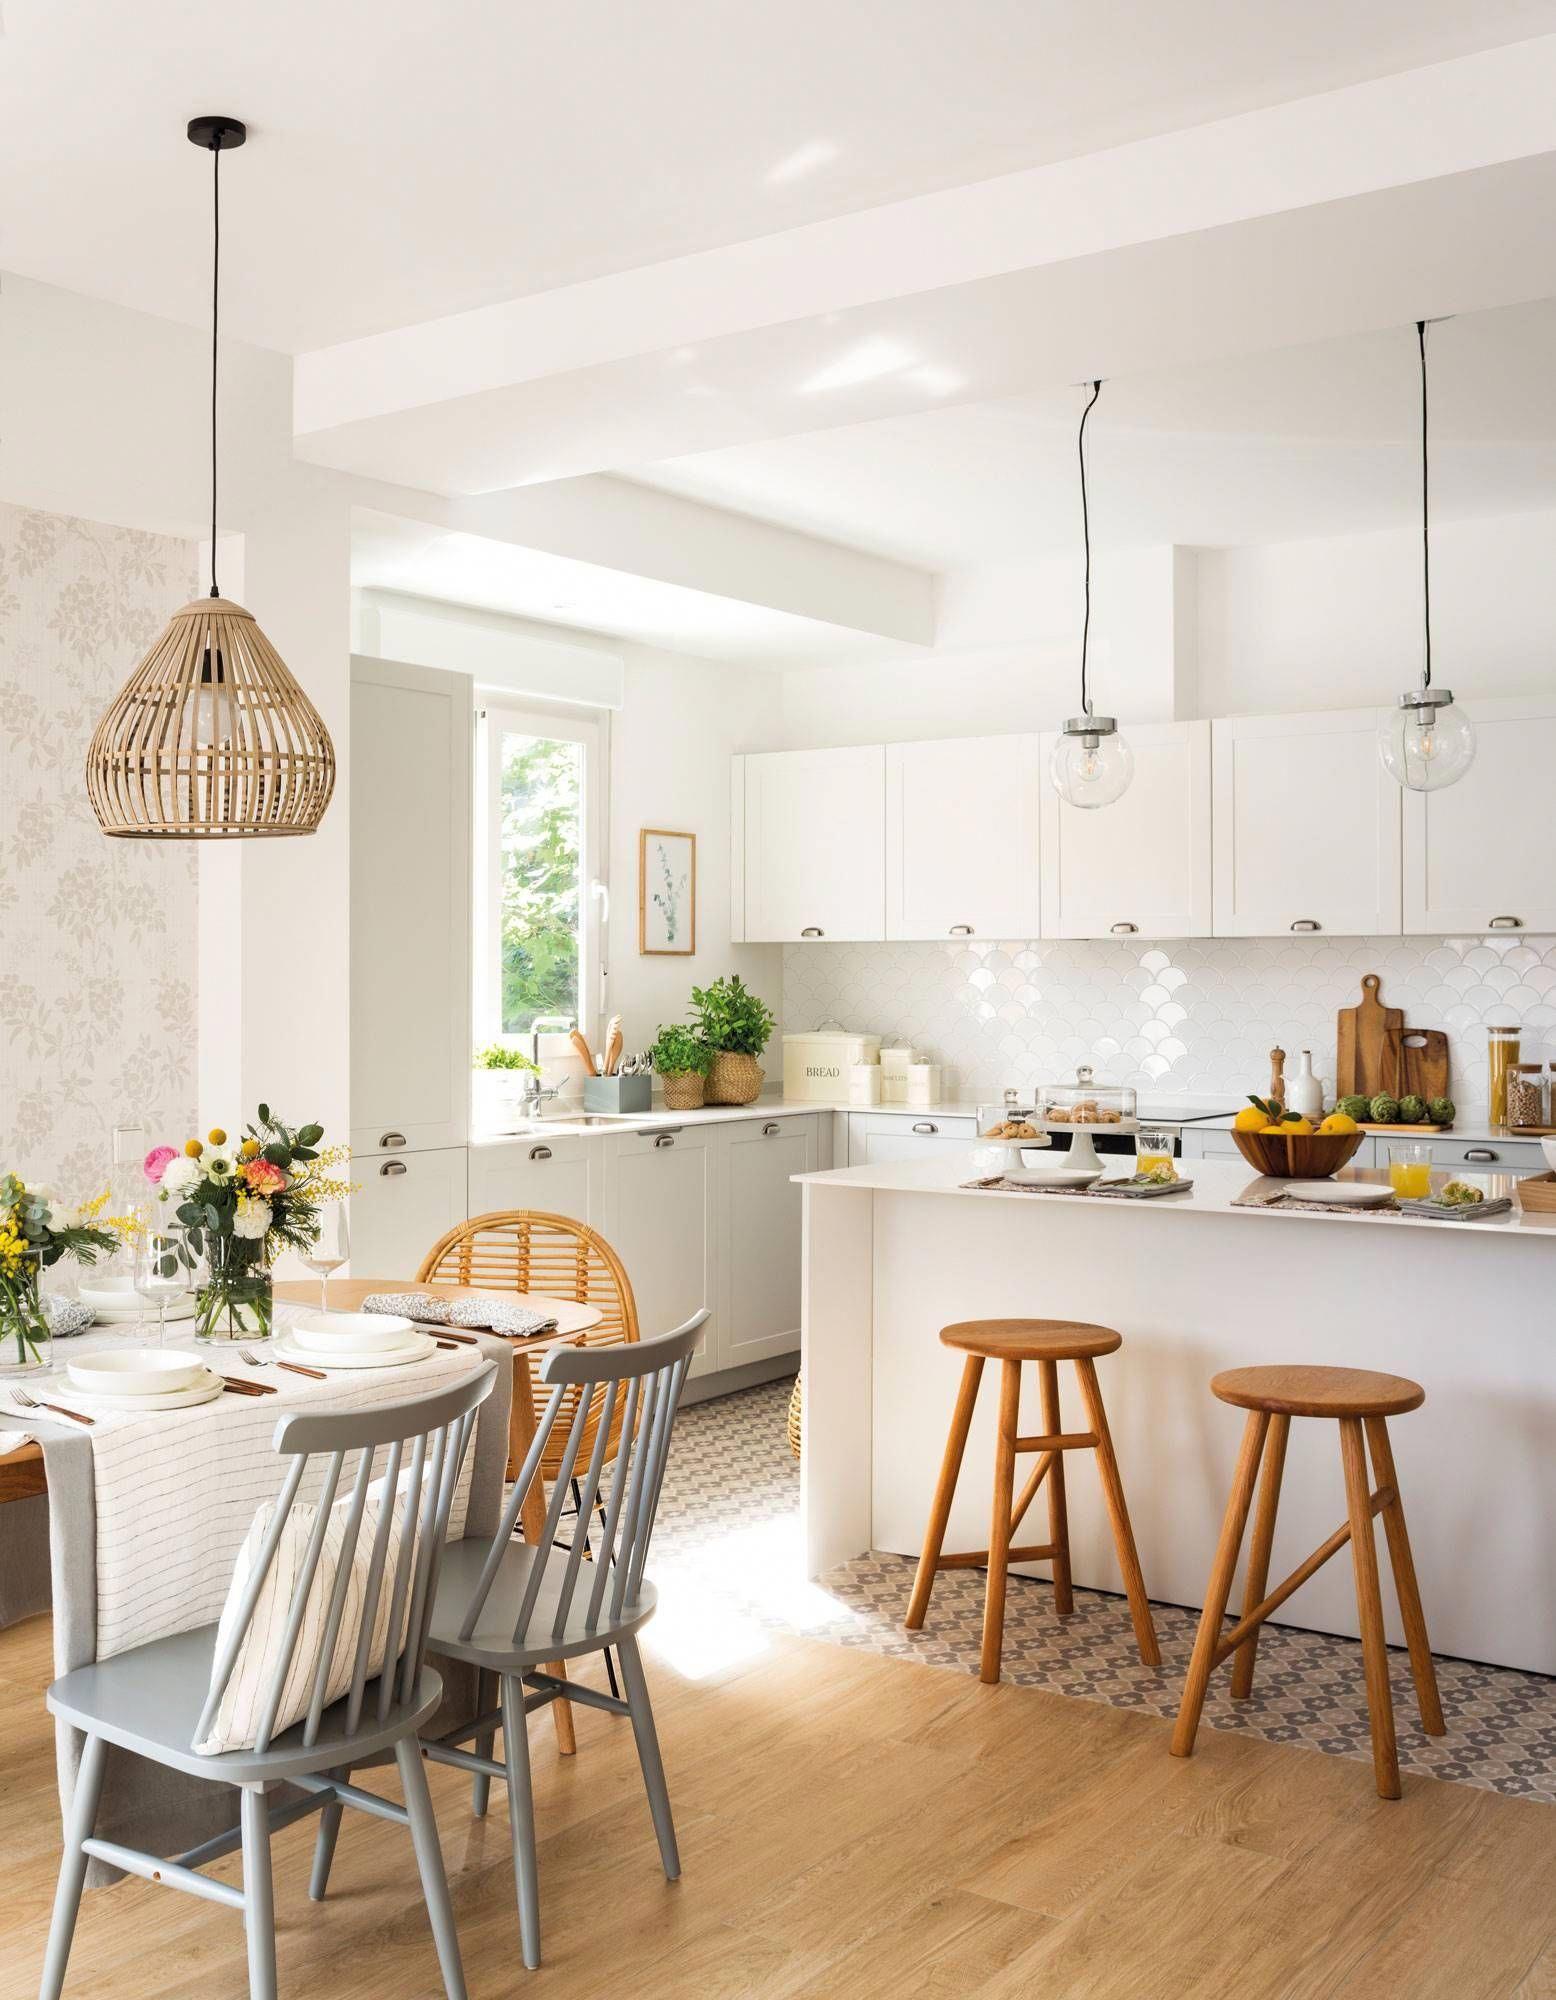 Cocina Abierta Al Comedor Con Muebles Blancos Y Barra Con Taburetes Elmueble Cocinas Cocinasmodernaside Home Kitchens Simple Kitchen Small American Kitchens